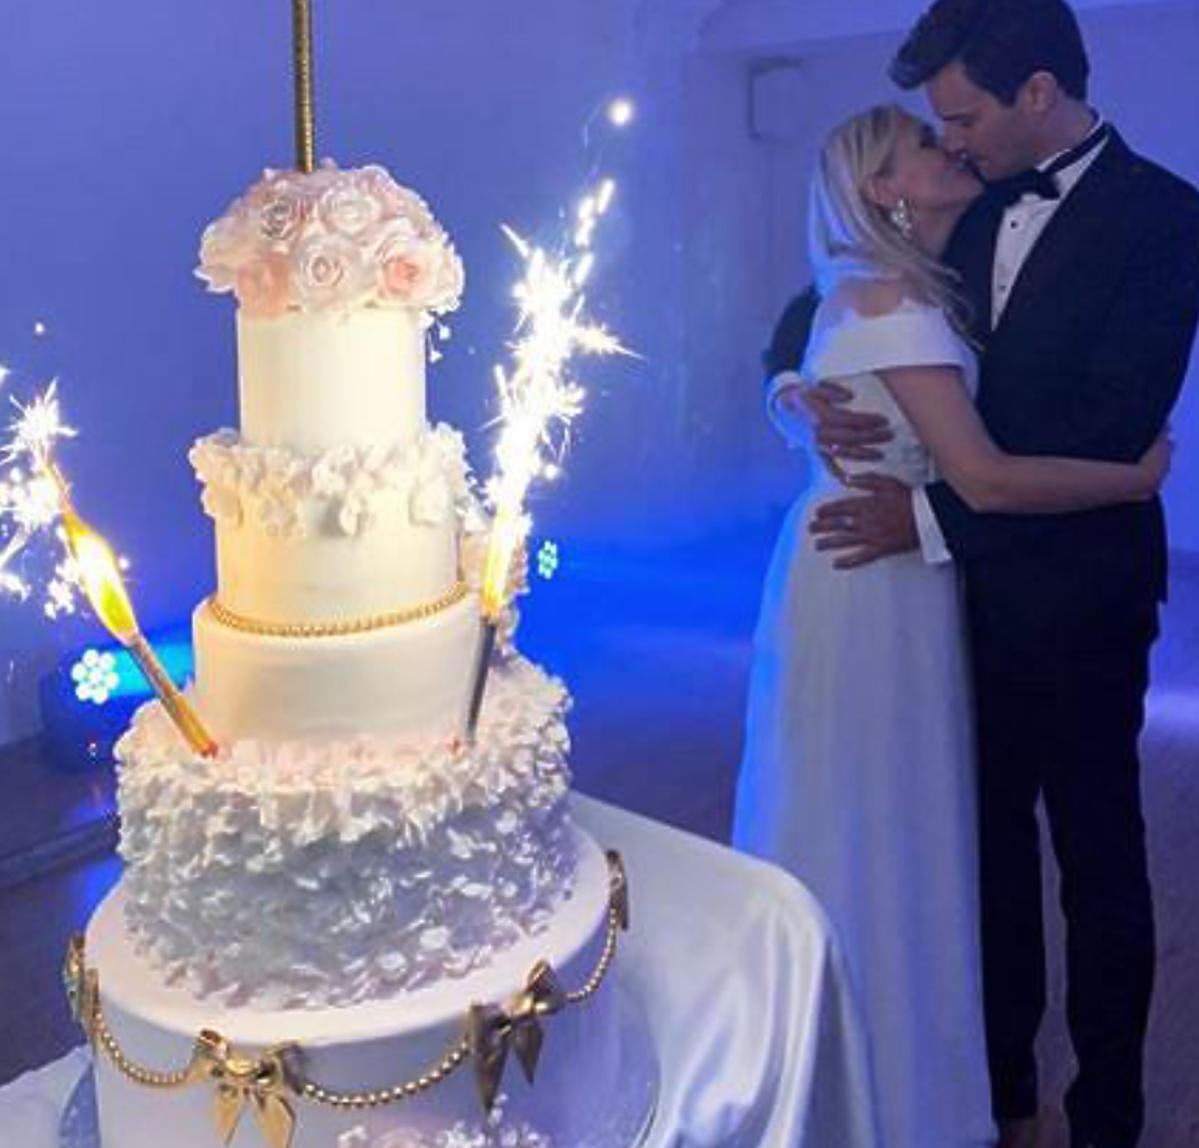 tort na weselu  Sylwii Juszczak i Mikołaja Krawczyka